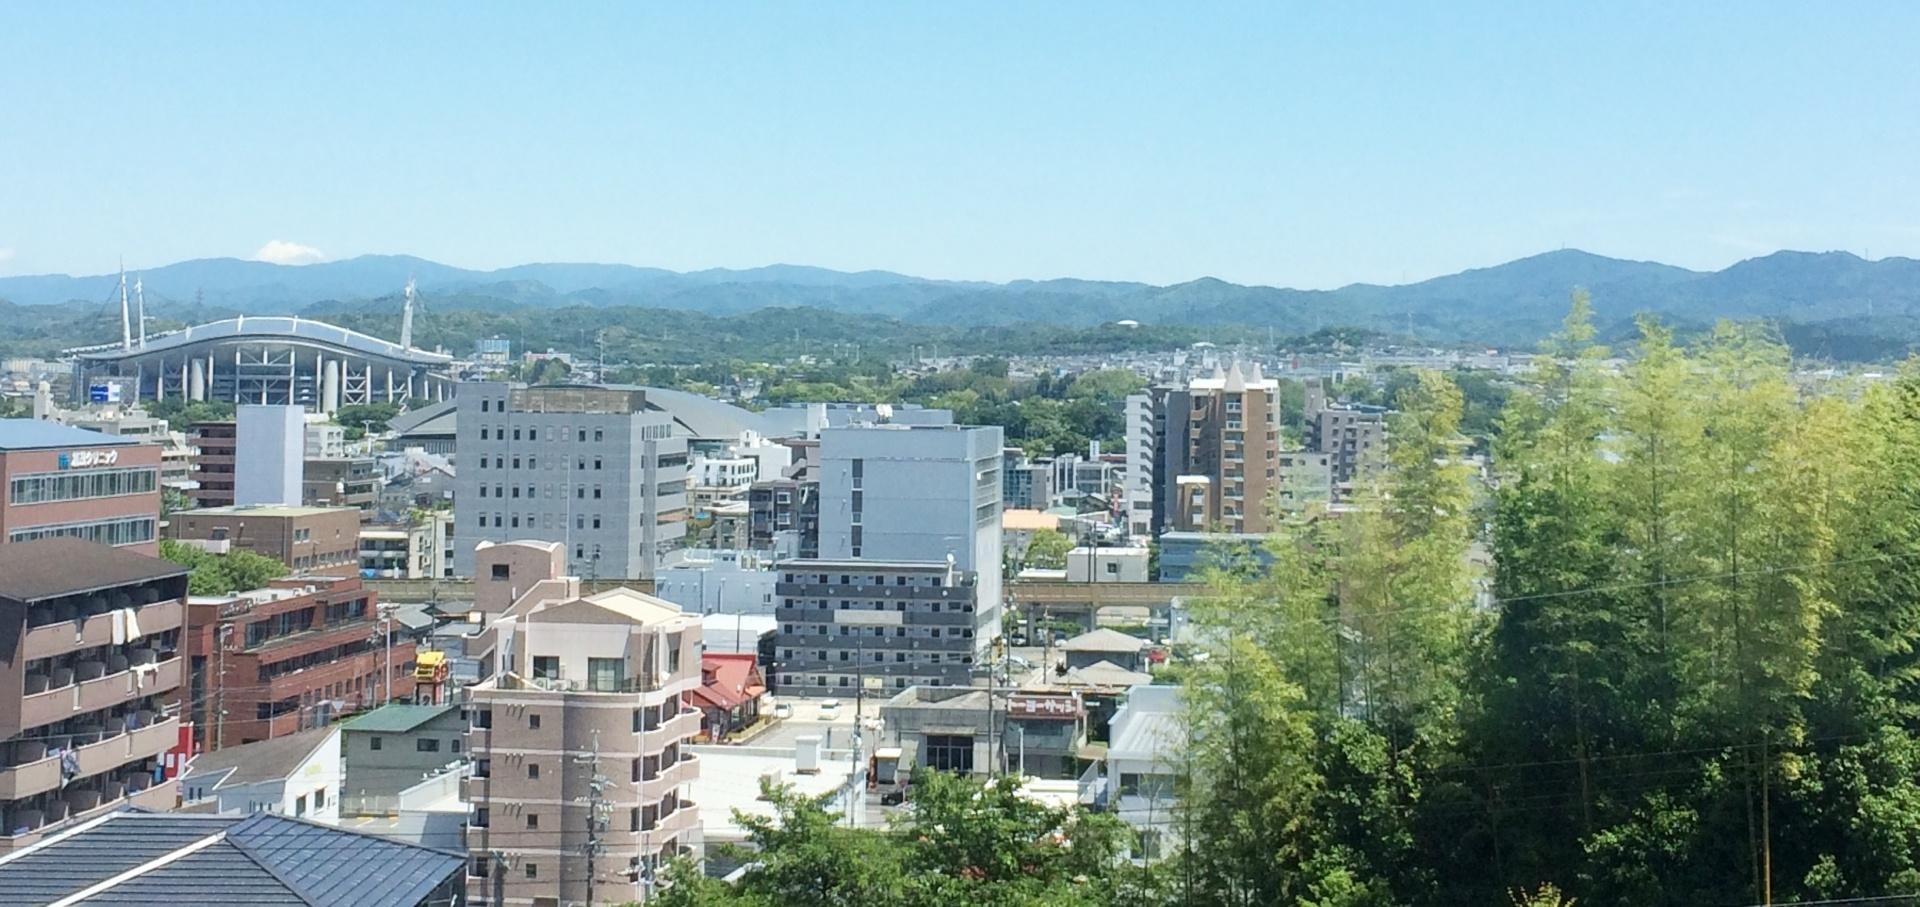 愛知県豊田市の風景